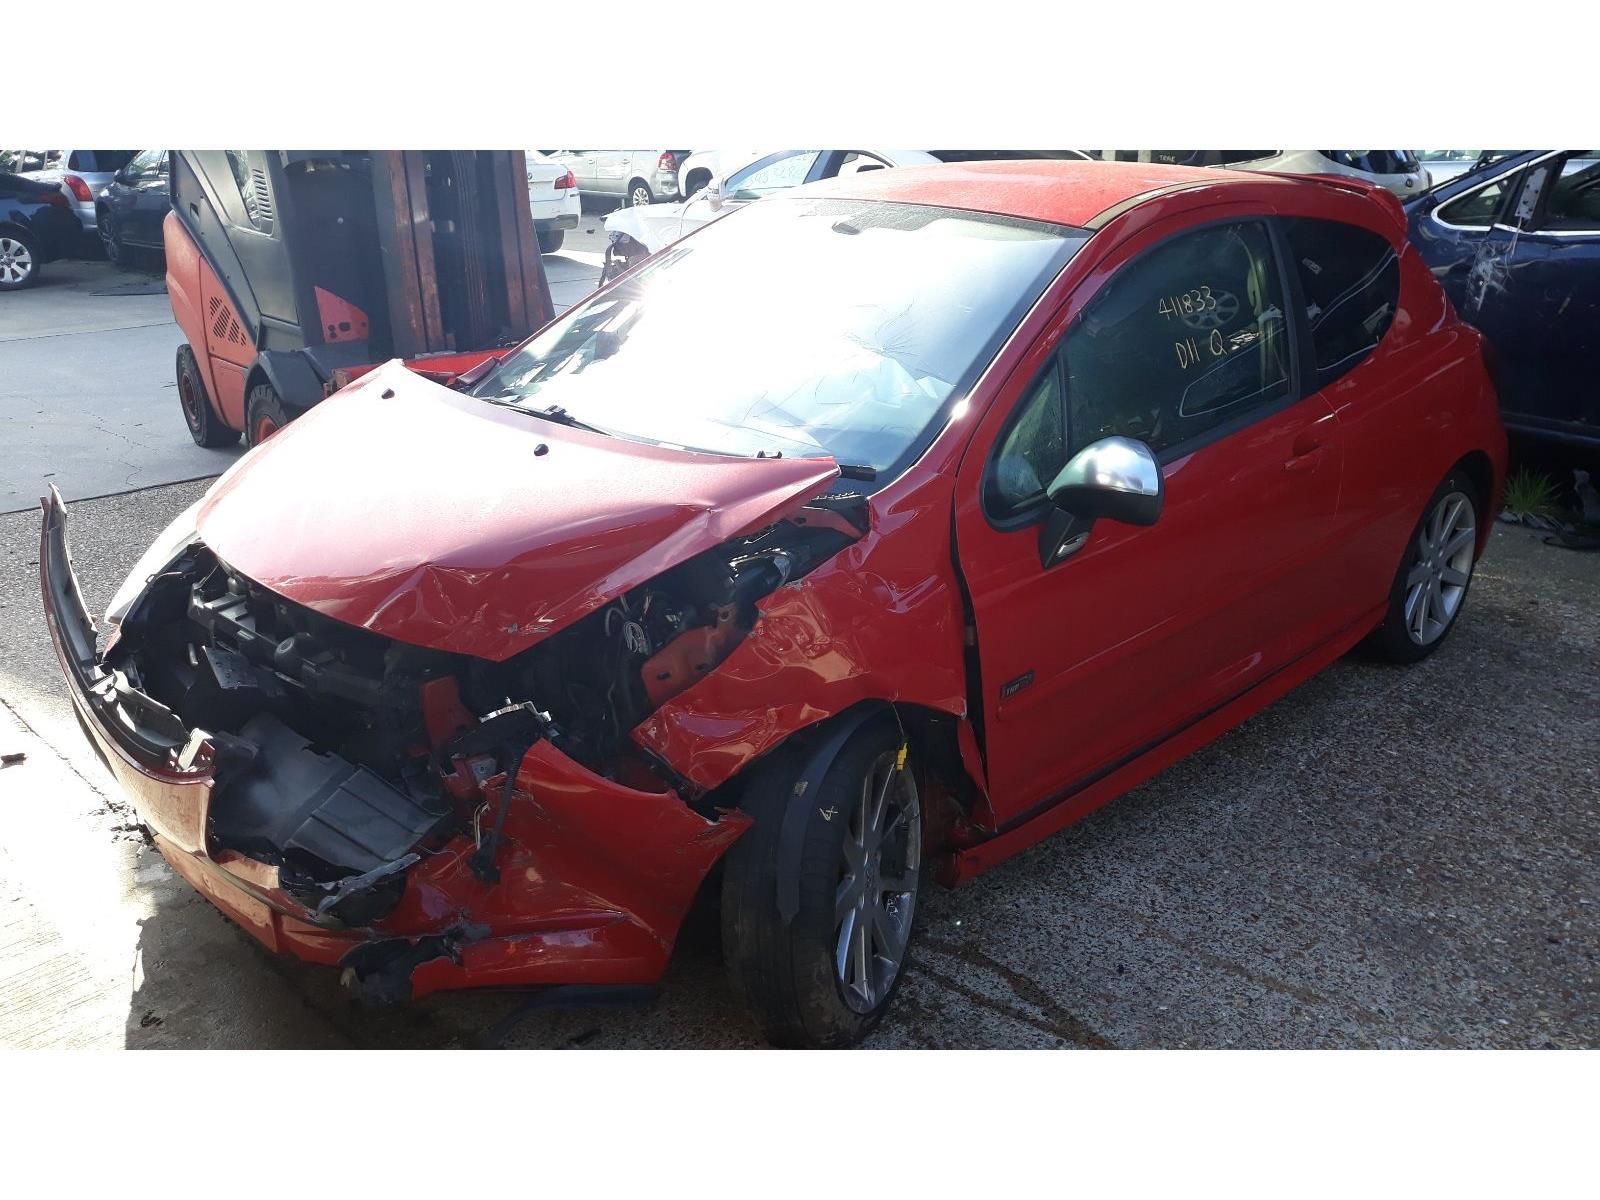 Peugeot 207 2006 To 2009 Gti Pack 3 Door Hatchback Scrap Salvage Under Bonnet Fuse Box Car For Sale Auction Silverlake Autoparts